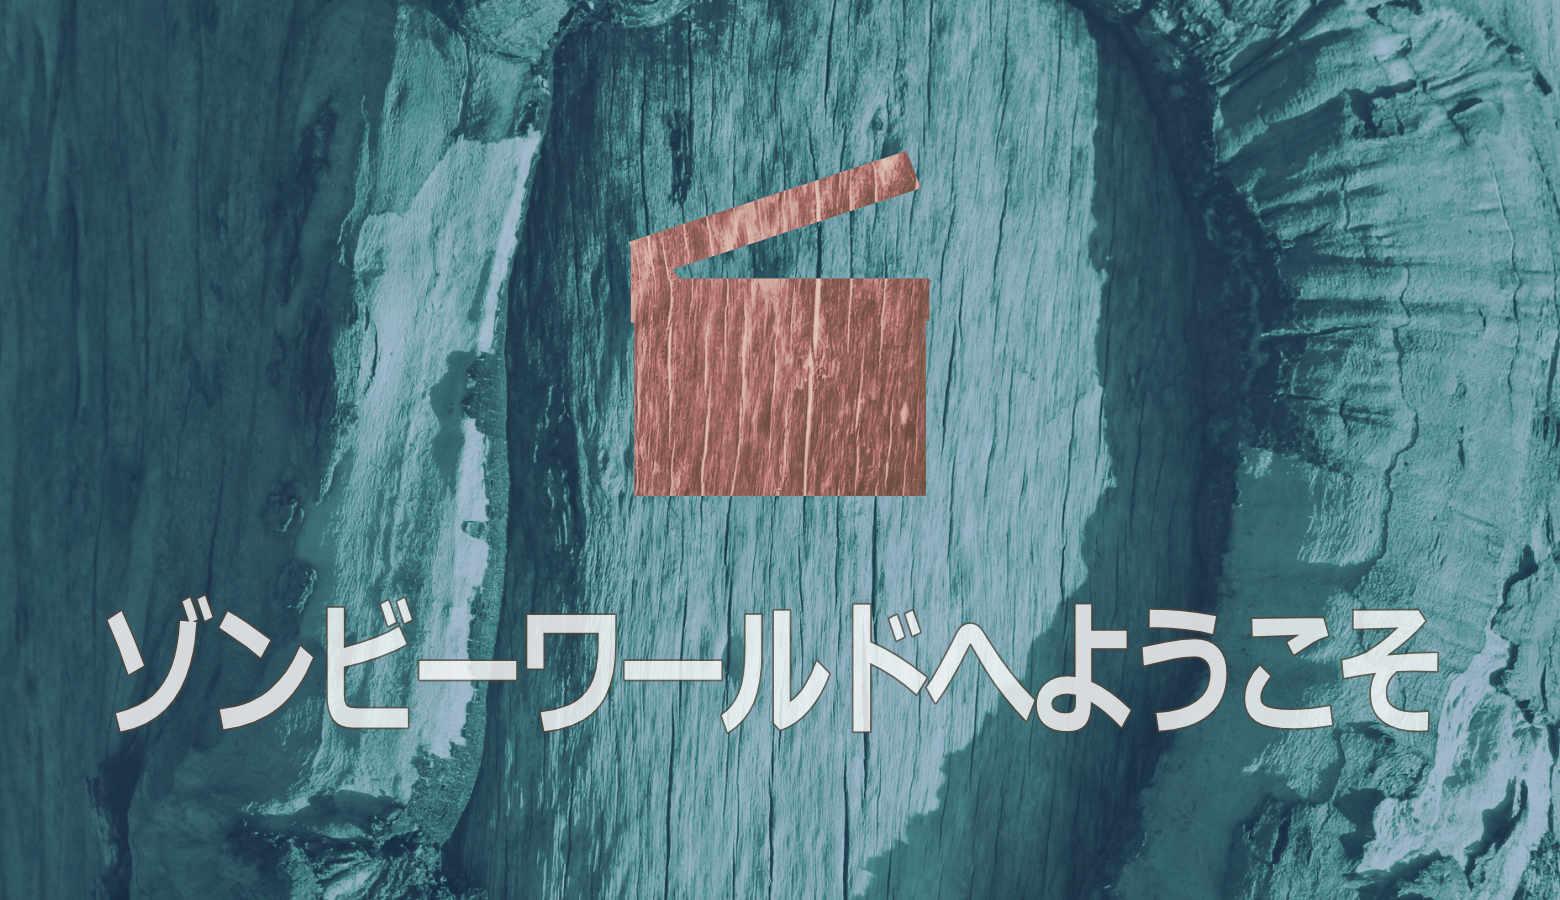 ゾンビーワールドへようこそ:誰でも楽しく見れる青春コメディ映画【レビュー】